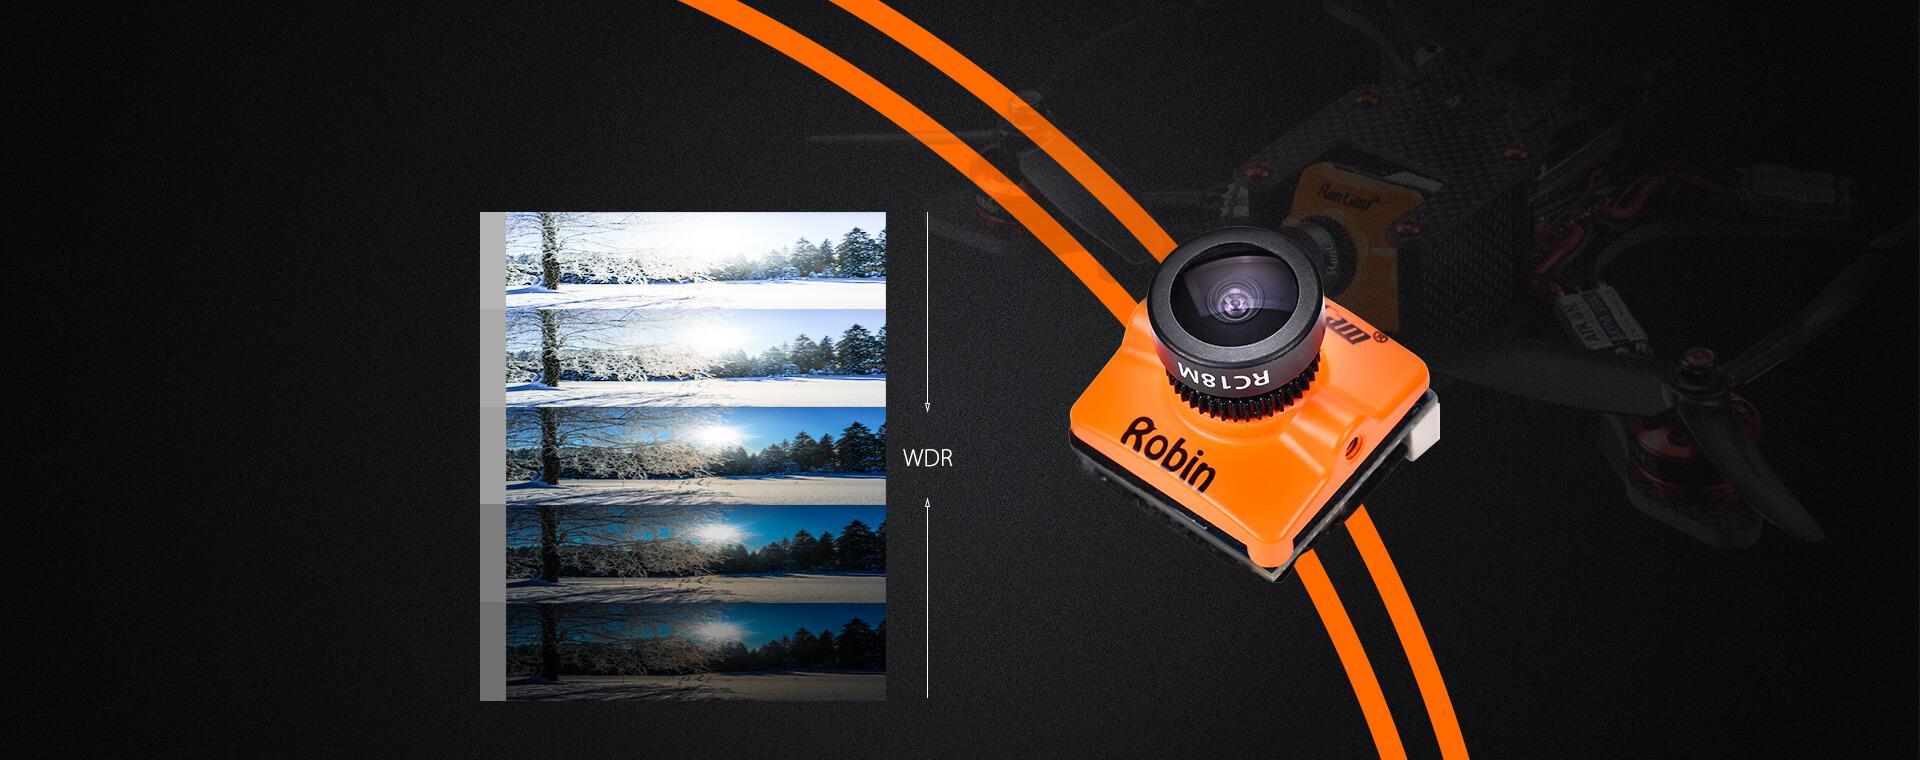 runcam fpv camera robin-web-2.jpg